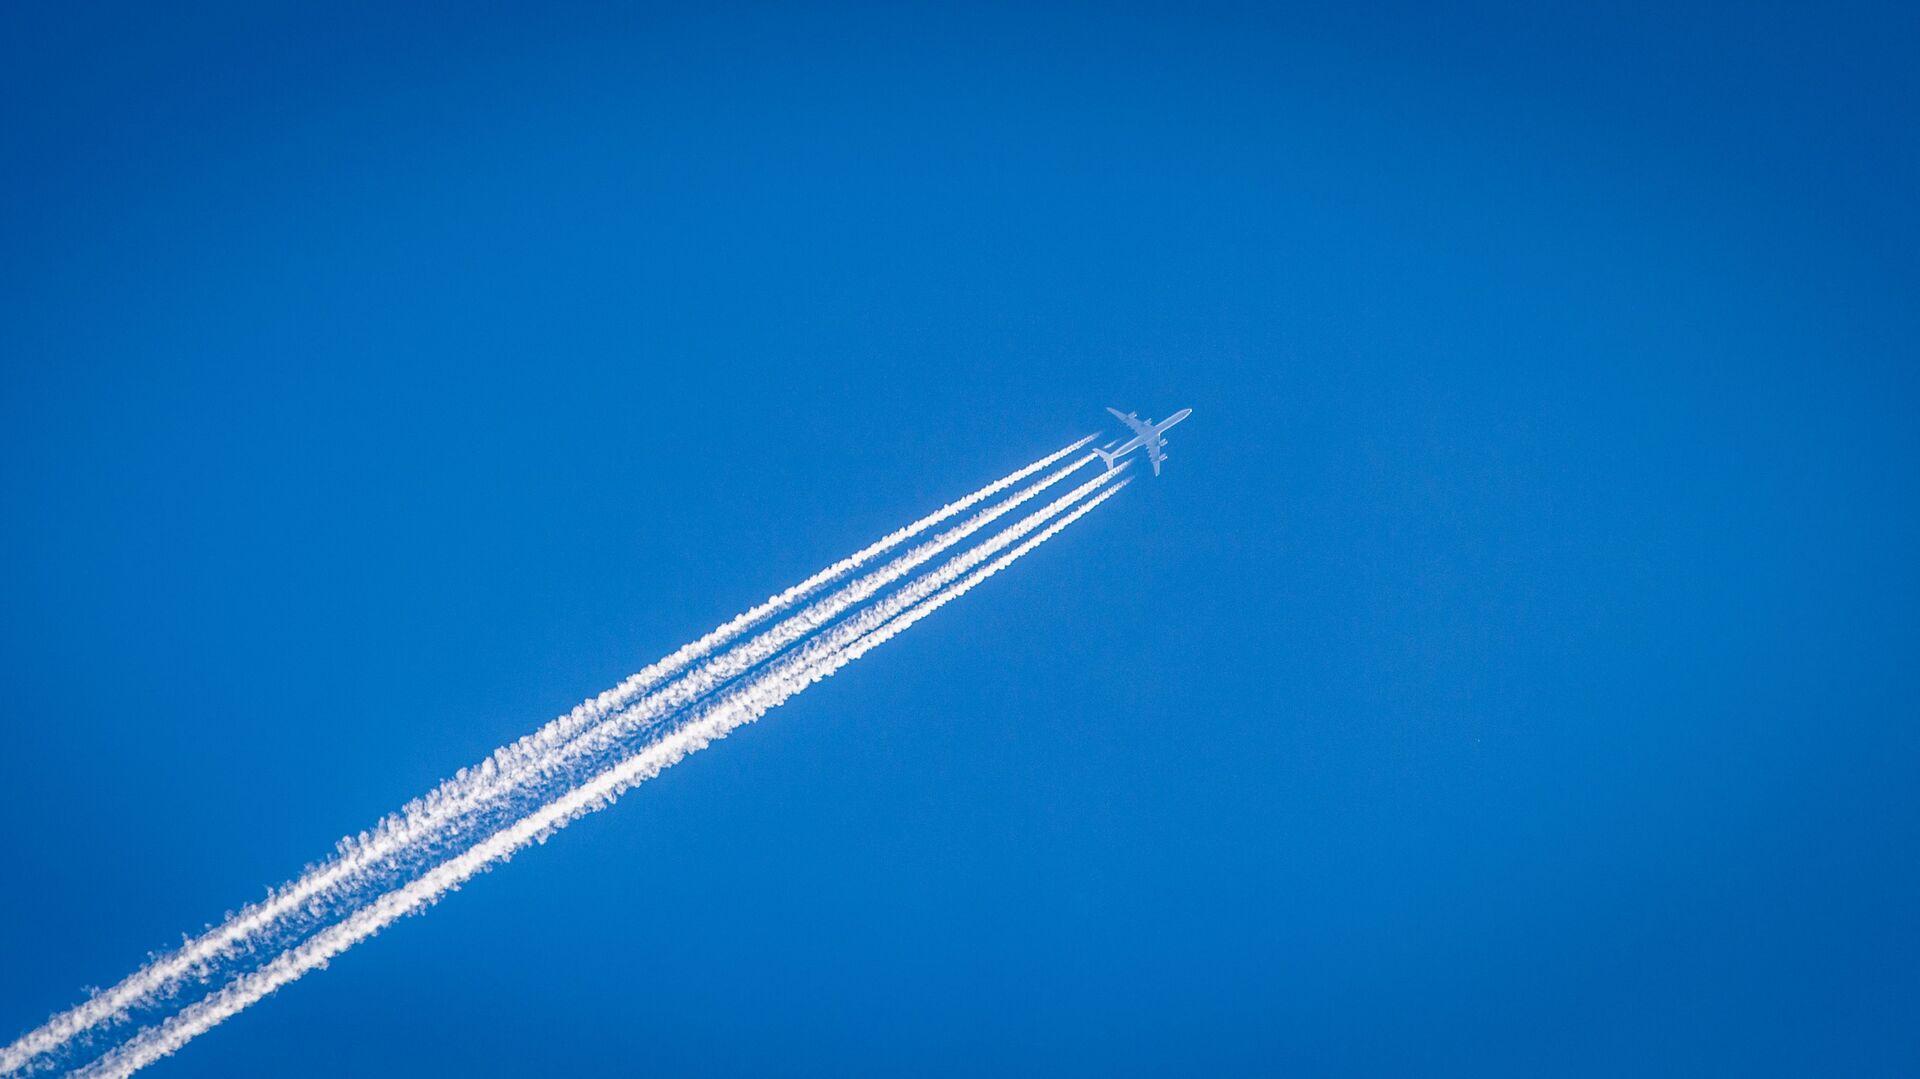 Un avión (imagen referencial) - Sputnik Mundo, 1920, 03.05.2021